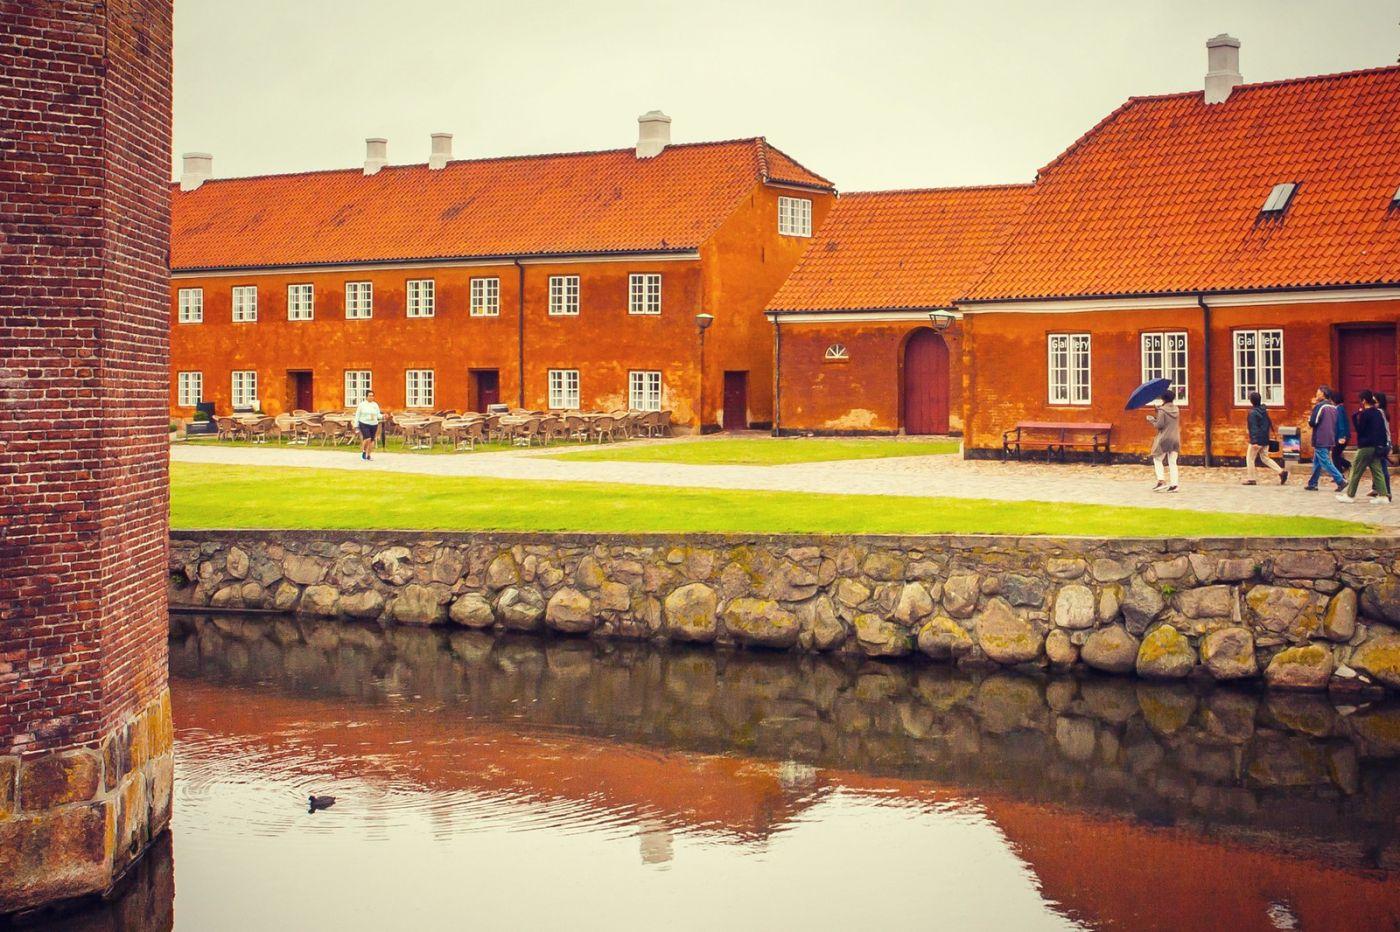 丹麦腓特烈堡城堡,当年的风采_图1-11